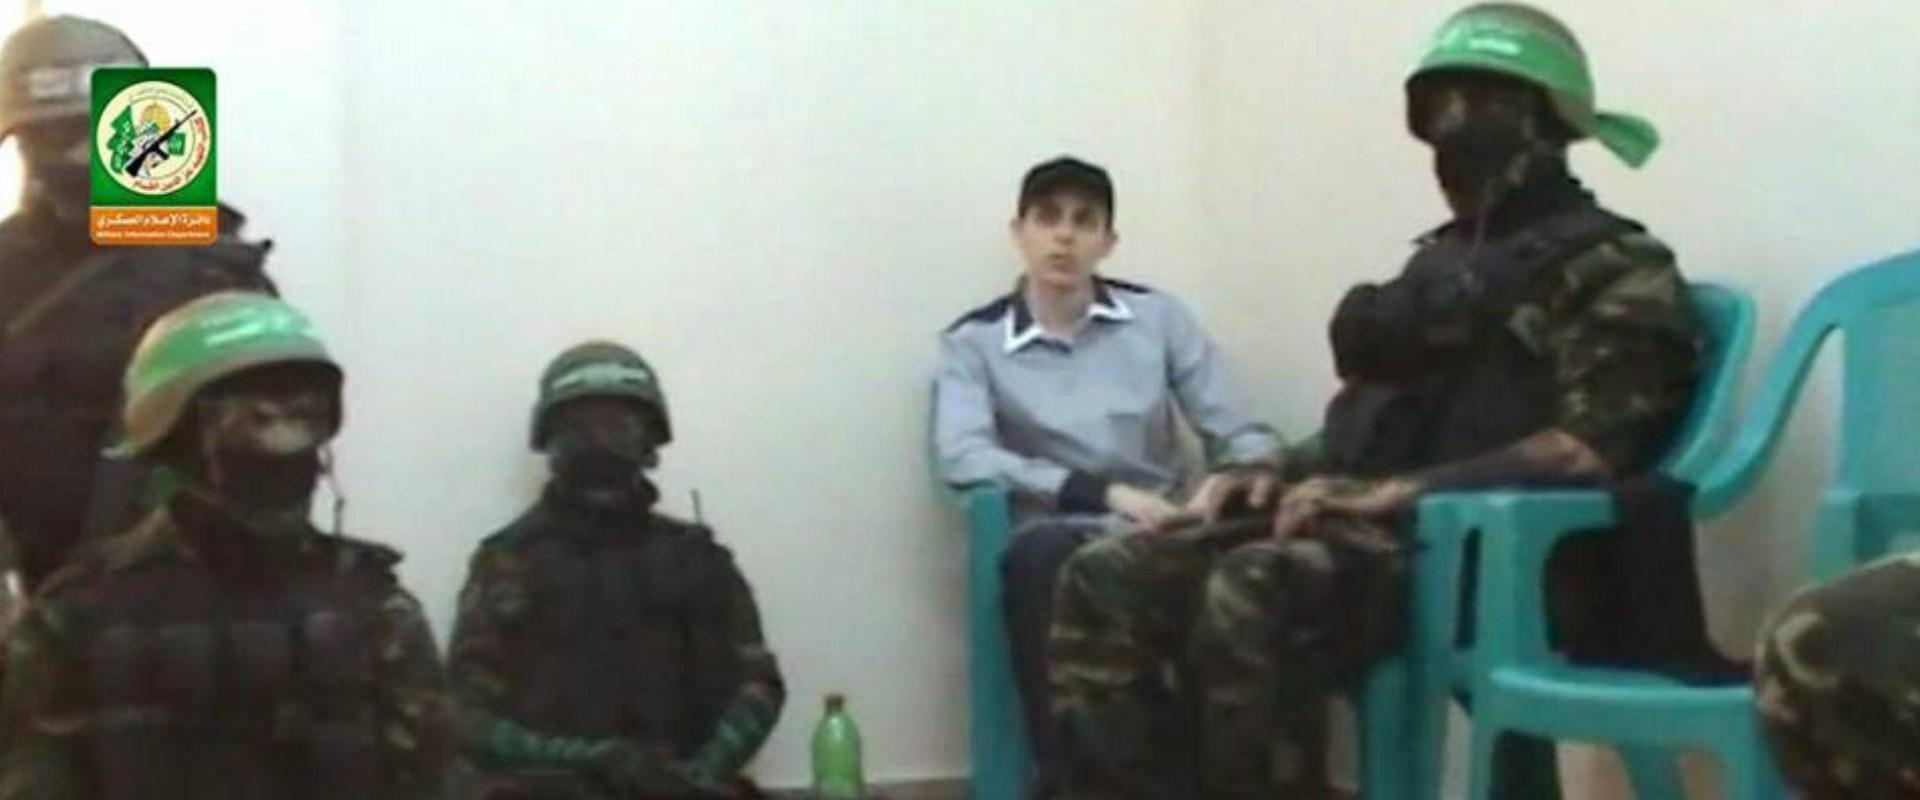 גלעד שליט יושב סביב מחבלי חמאס